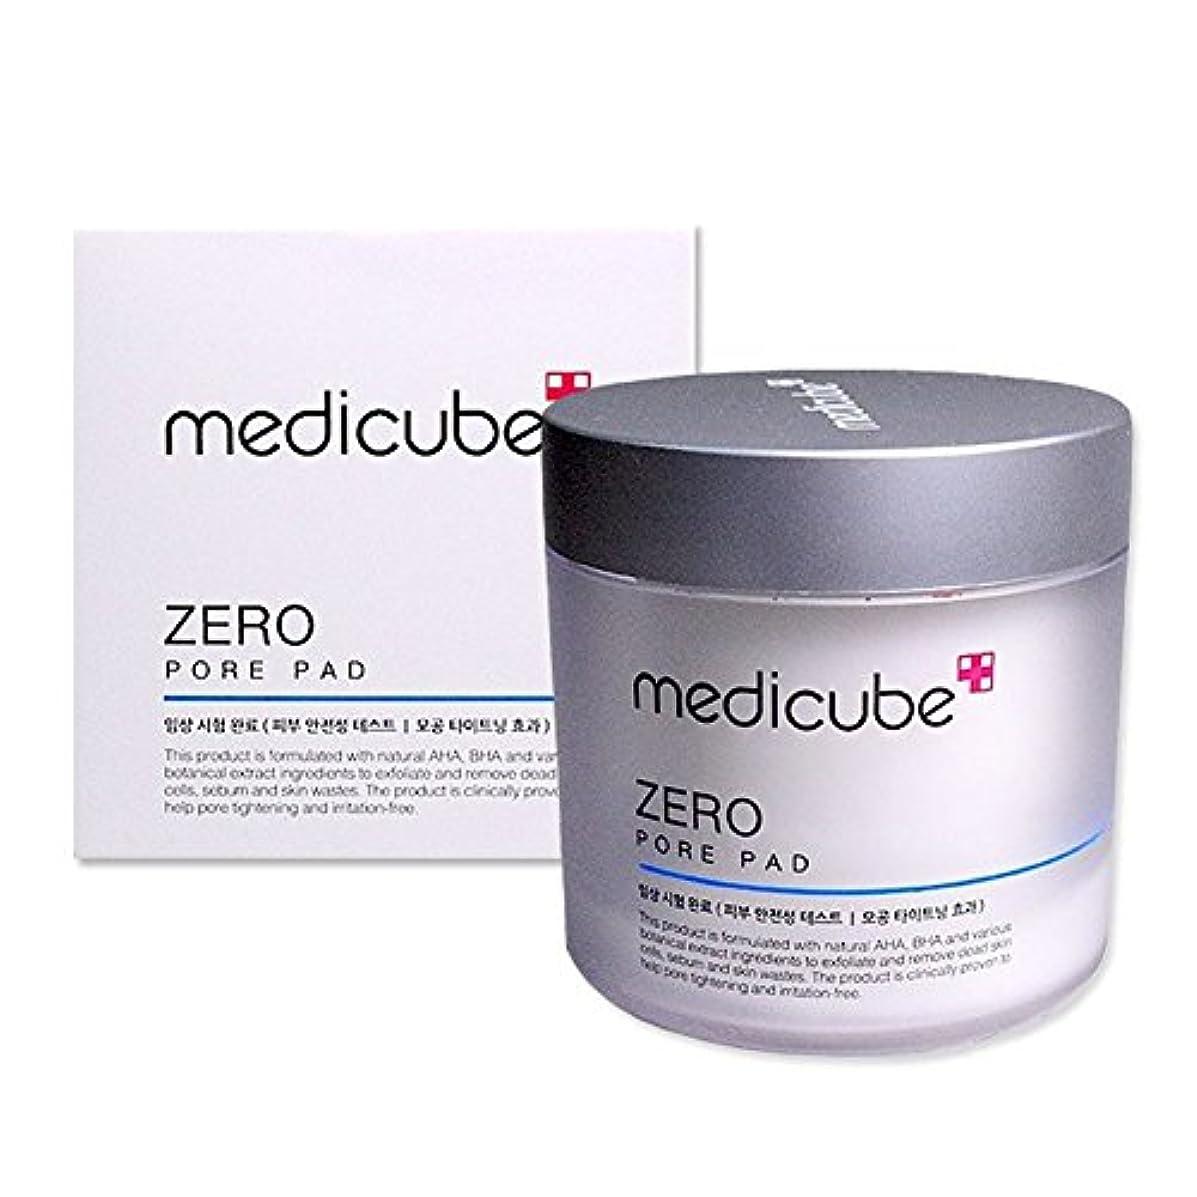 クローン大佐に勝るメディキューブゼロ毛穴パッド70枚、Medicube Zero Pore Pad 70 pads [並行輸入品]